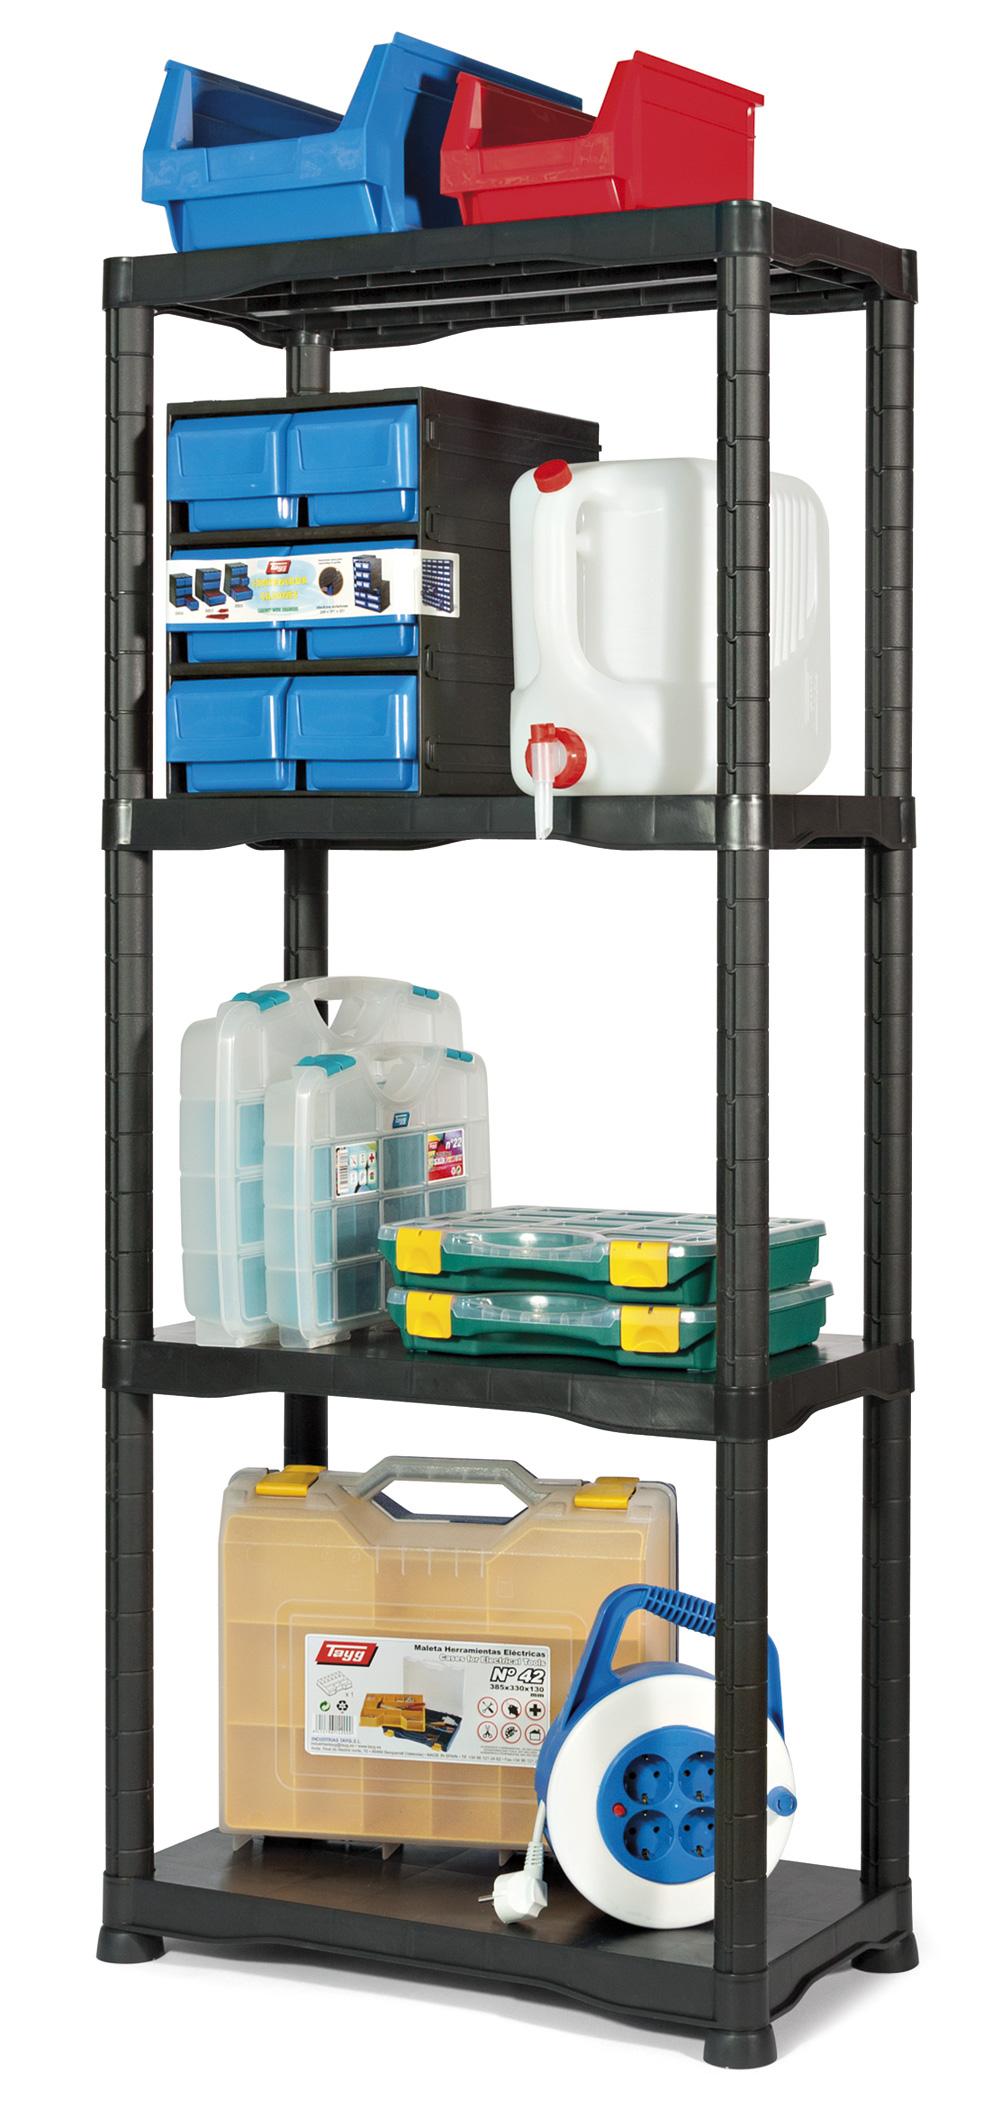 1 kit estanteria de plastico - Kit estantería de plástico